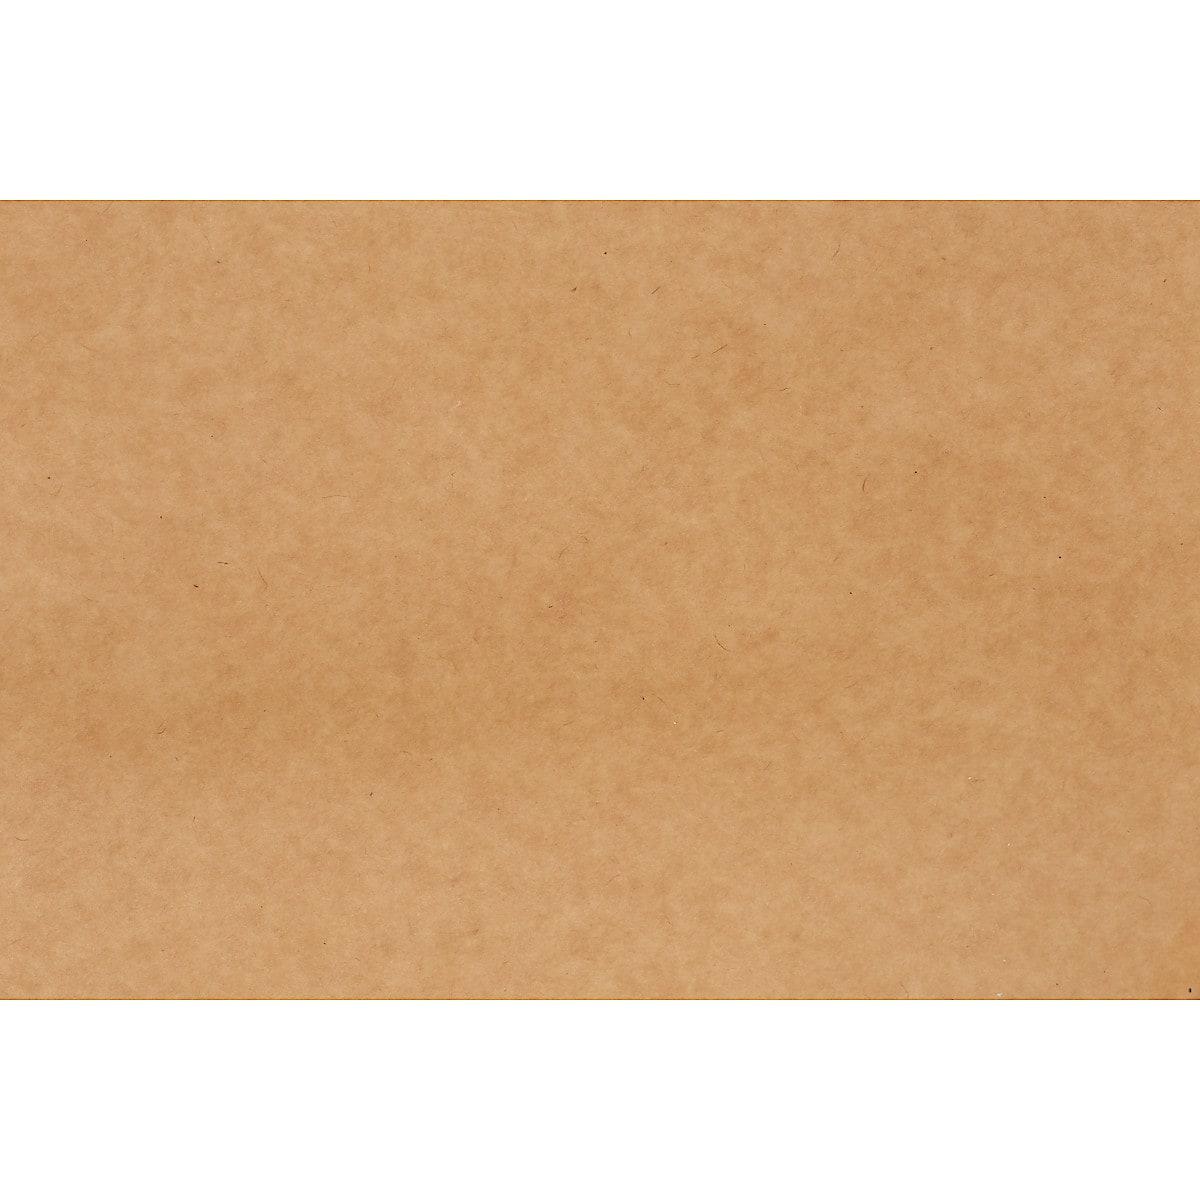 Vokset papir 5 m x 57 cm